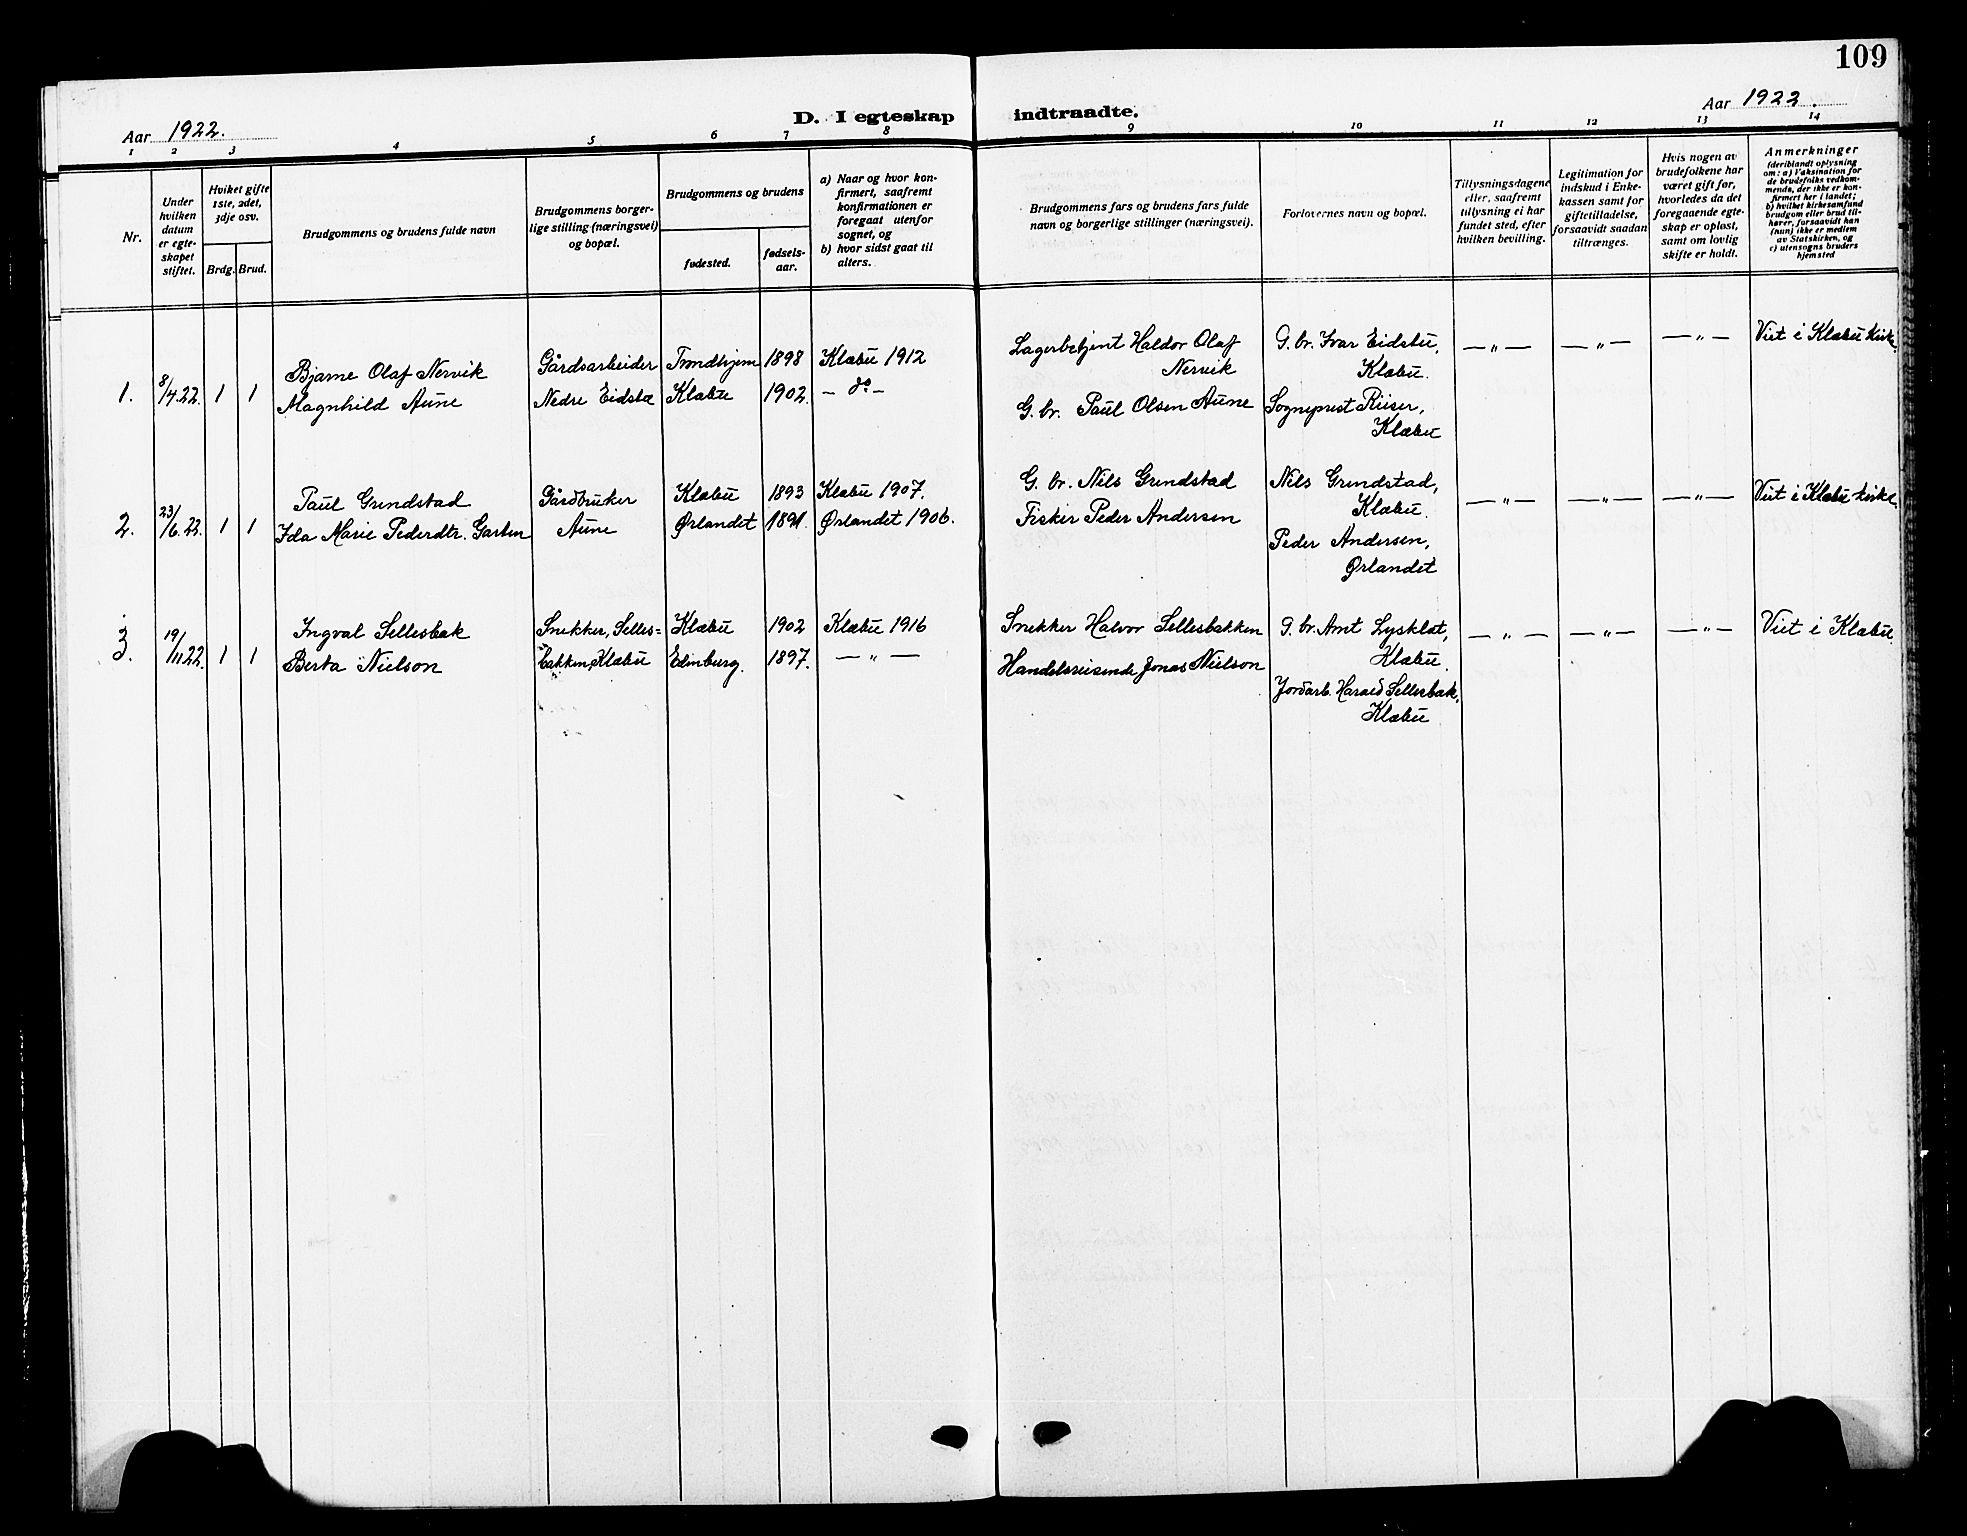 SAT, Ministerialprotokoller, klokkerbøker og fødselsregistre - Sør-Trøndelag, 618/L0453: Klokkerbok nr. 618C04, 1907-1925, s. 109